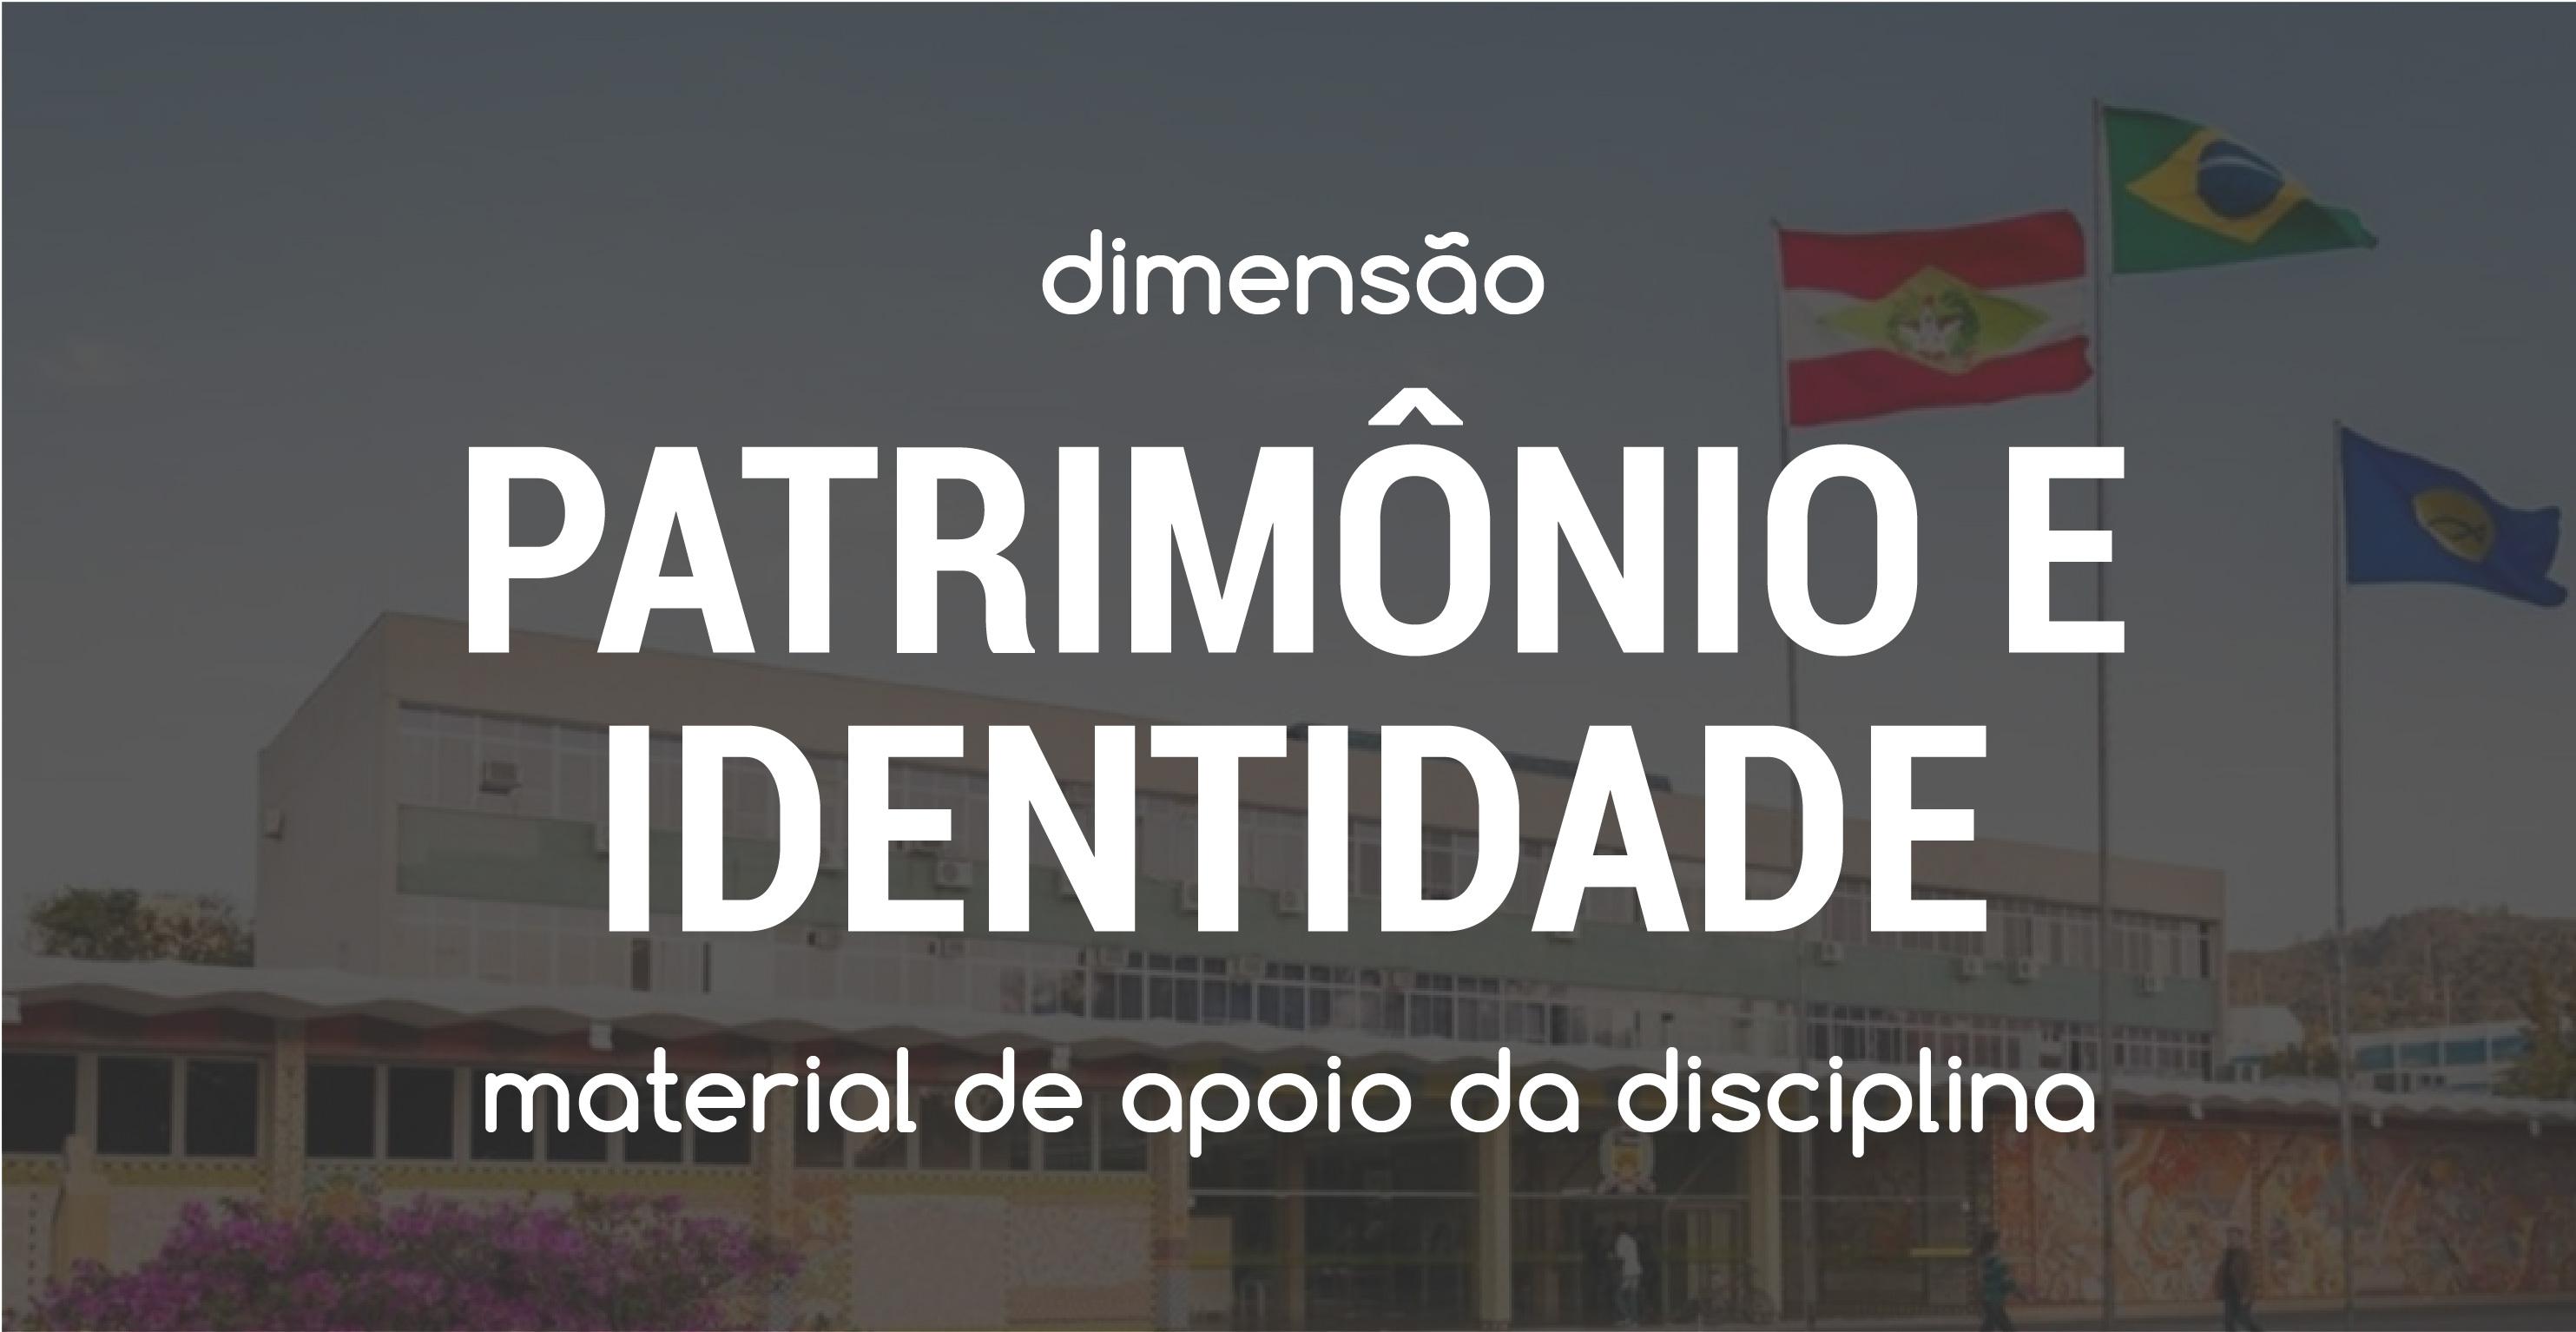 Dimensão Patrimônio e Identidade - Workshop CHIS 2018 - Campus UFSC